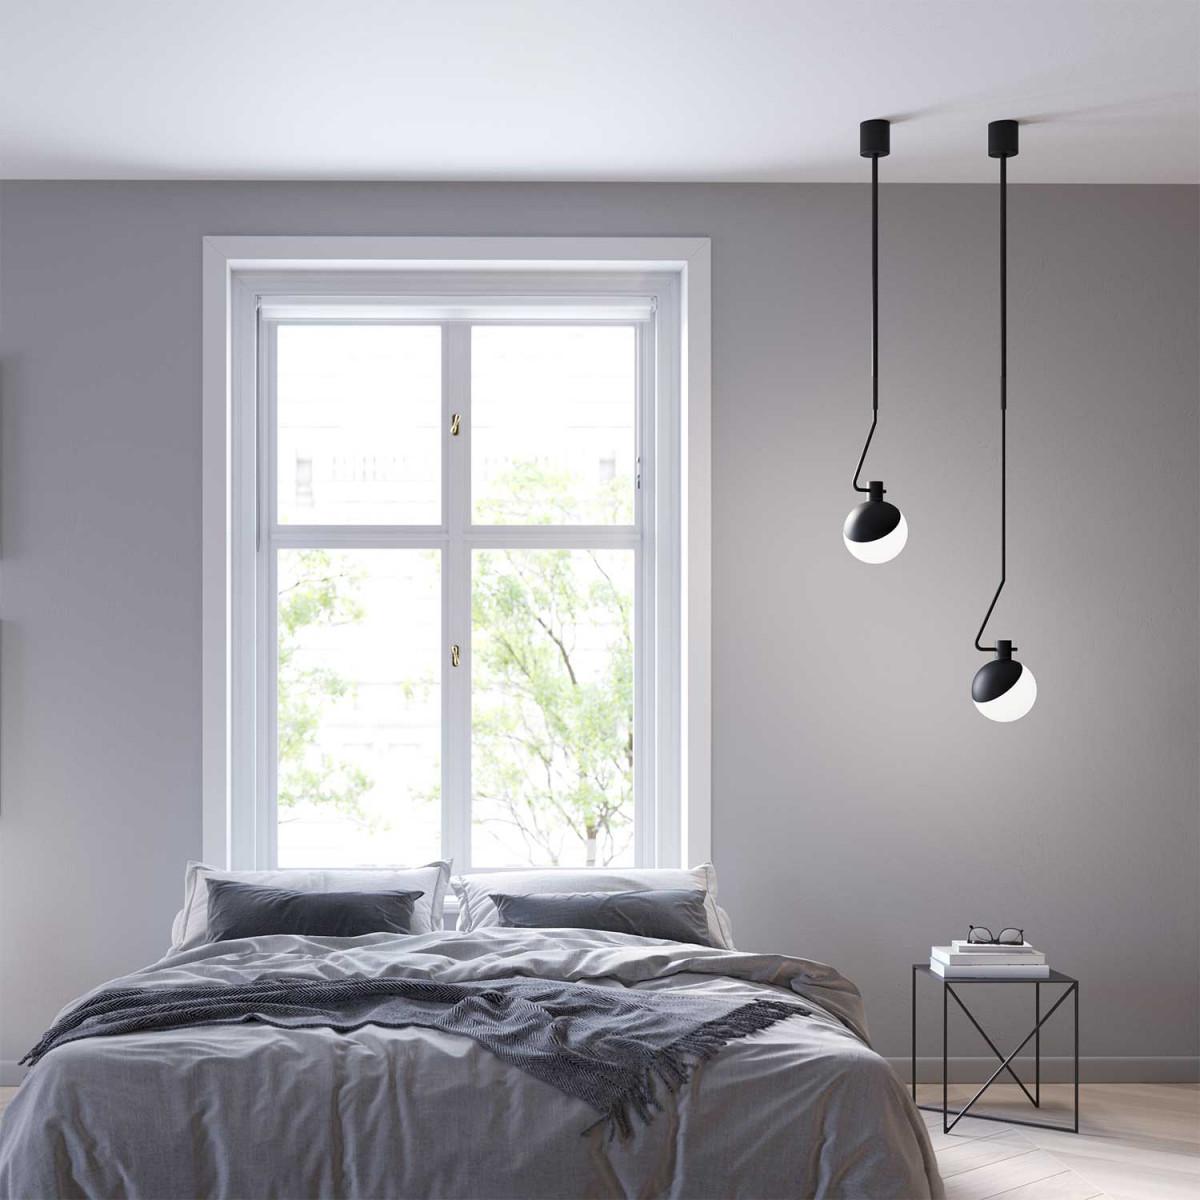 Bedroom Ceiling Lights Buy Modern Led Lights Online